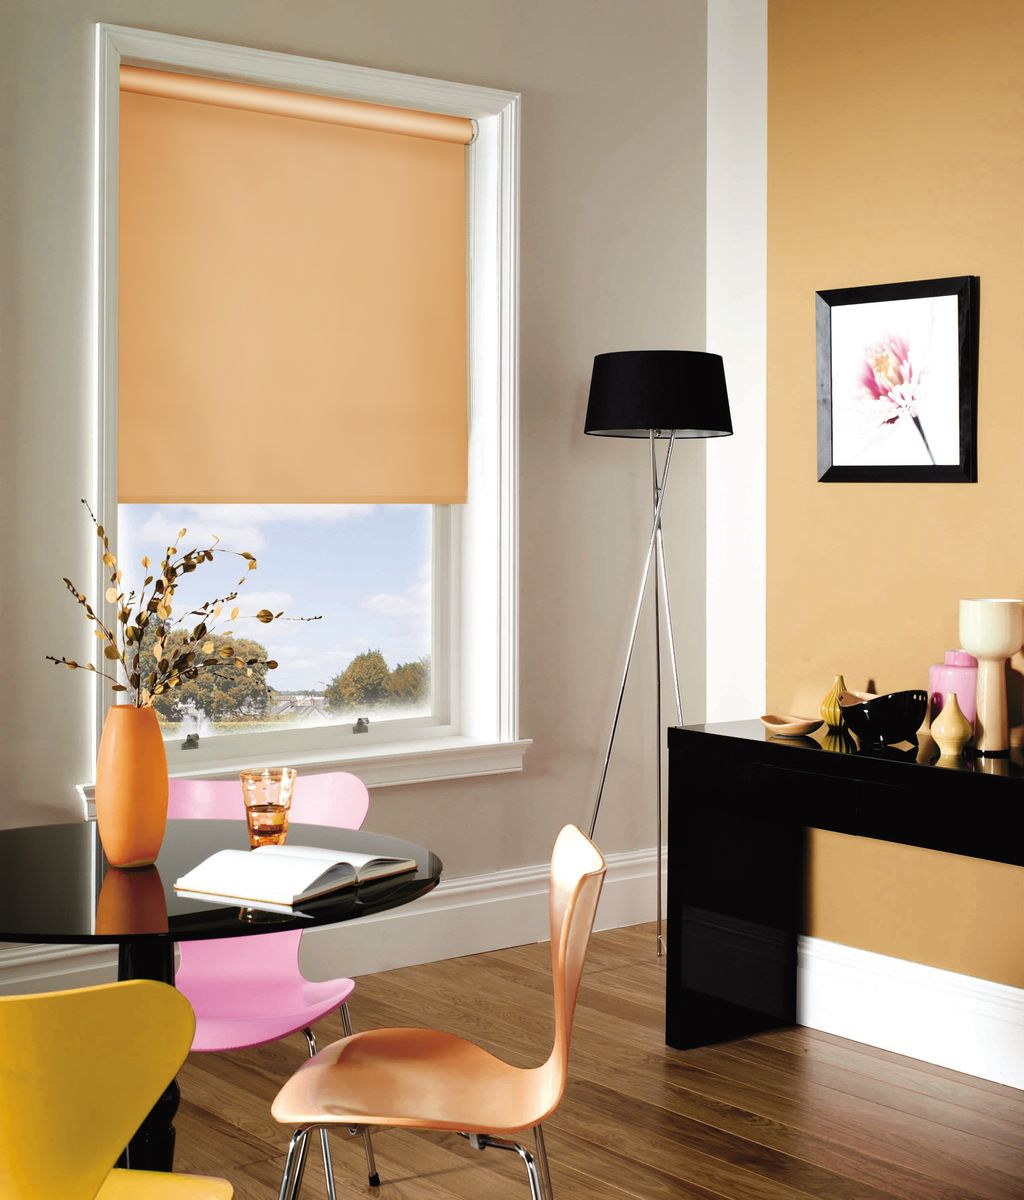 Штора рулонная Эскар Миниролло, цвет: светлый абрикос, ширина 90 см, высота 170 см31012090170Рулонными шторами можно оформлять окна как самостоятельно, так и использовать в комбинации с портьерами. Это поможет предотвратить выгорание дорогой ткани на солнце и соединит функционал рулонных с красотой навесных. Преимущества применения рулонных штор для пластиковых окон: - имеют прекрасный внешний вид: многообразие и фактурность материала изделия отлично смотрятся в любом интерьере;- многофункциональны: есть возможность подобрать шторы способные эффективно защитить комнату от солнца, при этом она не будет слишком темной. - Есть возможность осуществить быстрый монтаж.ВНИМАНИЕ! Размеры ширины изделия указаны по ширине ткани! Во время эксплуатации не рекомендуется полностью разматывать рулон, чтобы не оторвать ткань от намоточного вала. В случае загрязнения поверхности ткани, чистку шторы проводят одним из способов, в зависимости от типа загрязнения:легкое поверхностное загрязнение можно удалить при помощи канцелярского ластика;чистка от пыли производится сухим методом при помощи пылесоса с мягкой щеткой-насадкой;для удаления пятна используйте мягкую губку с пенообразующим неагрессивным моющим средством или пятновыводитель на натуральной основе (нельзя применять растворители).